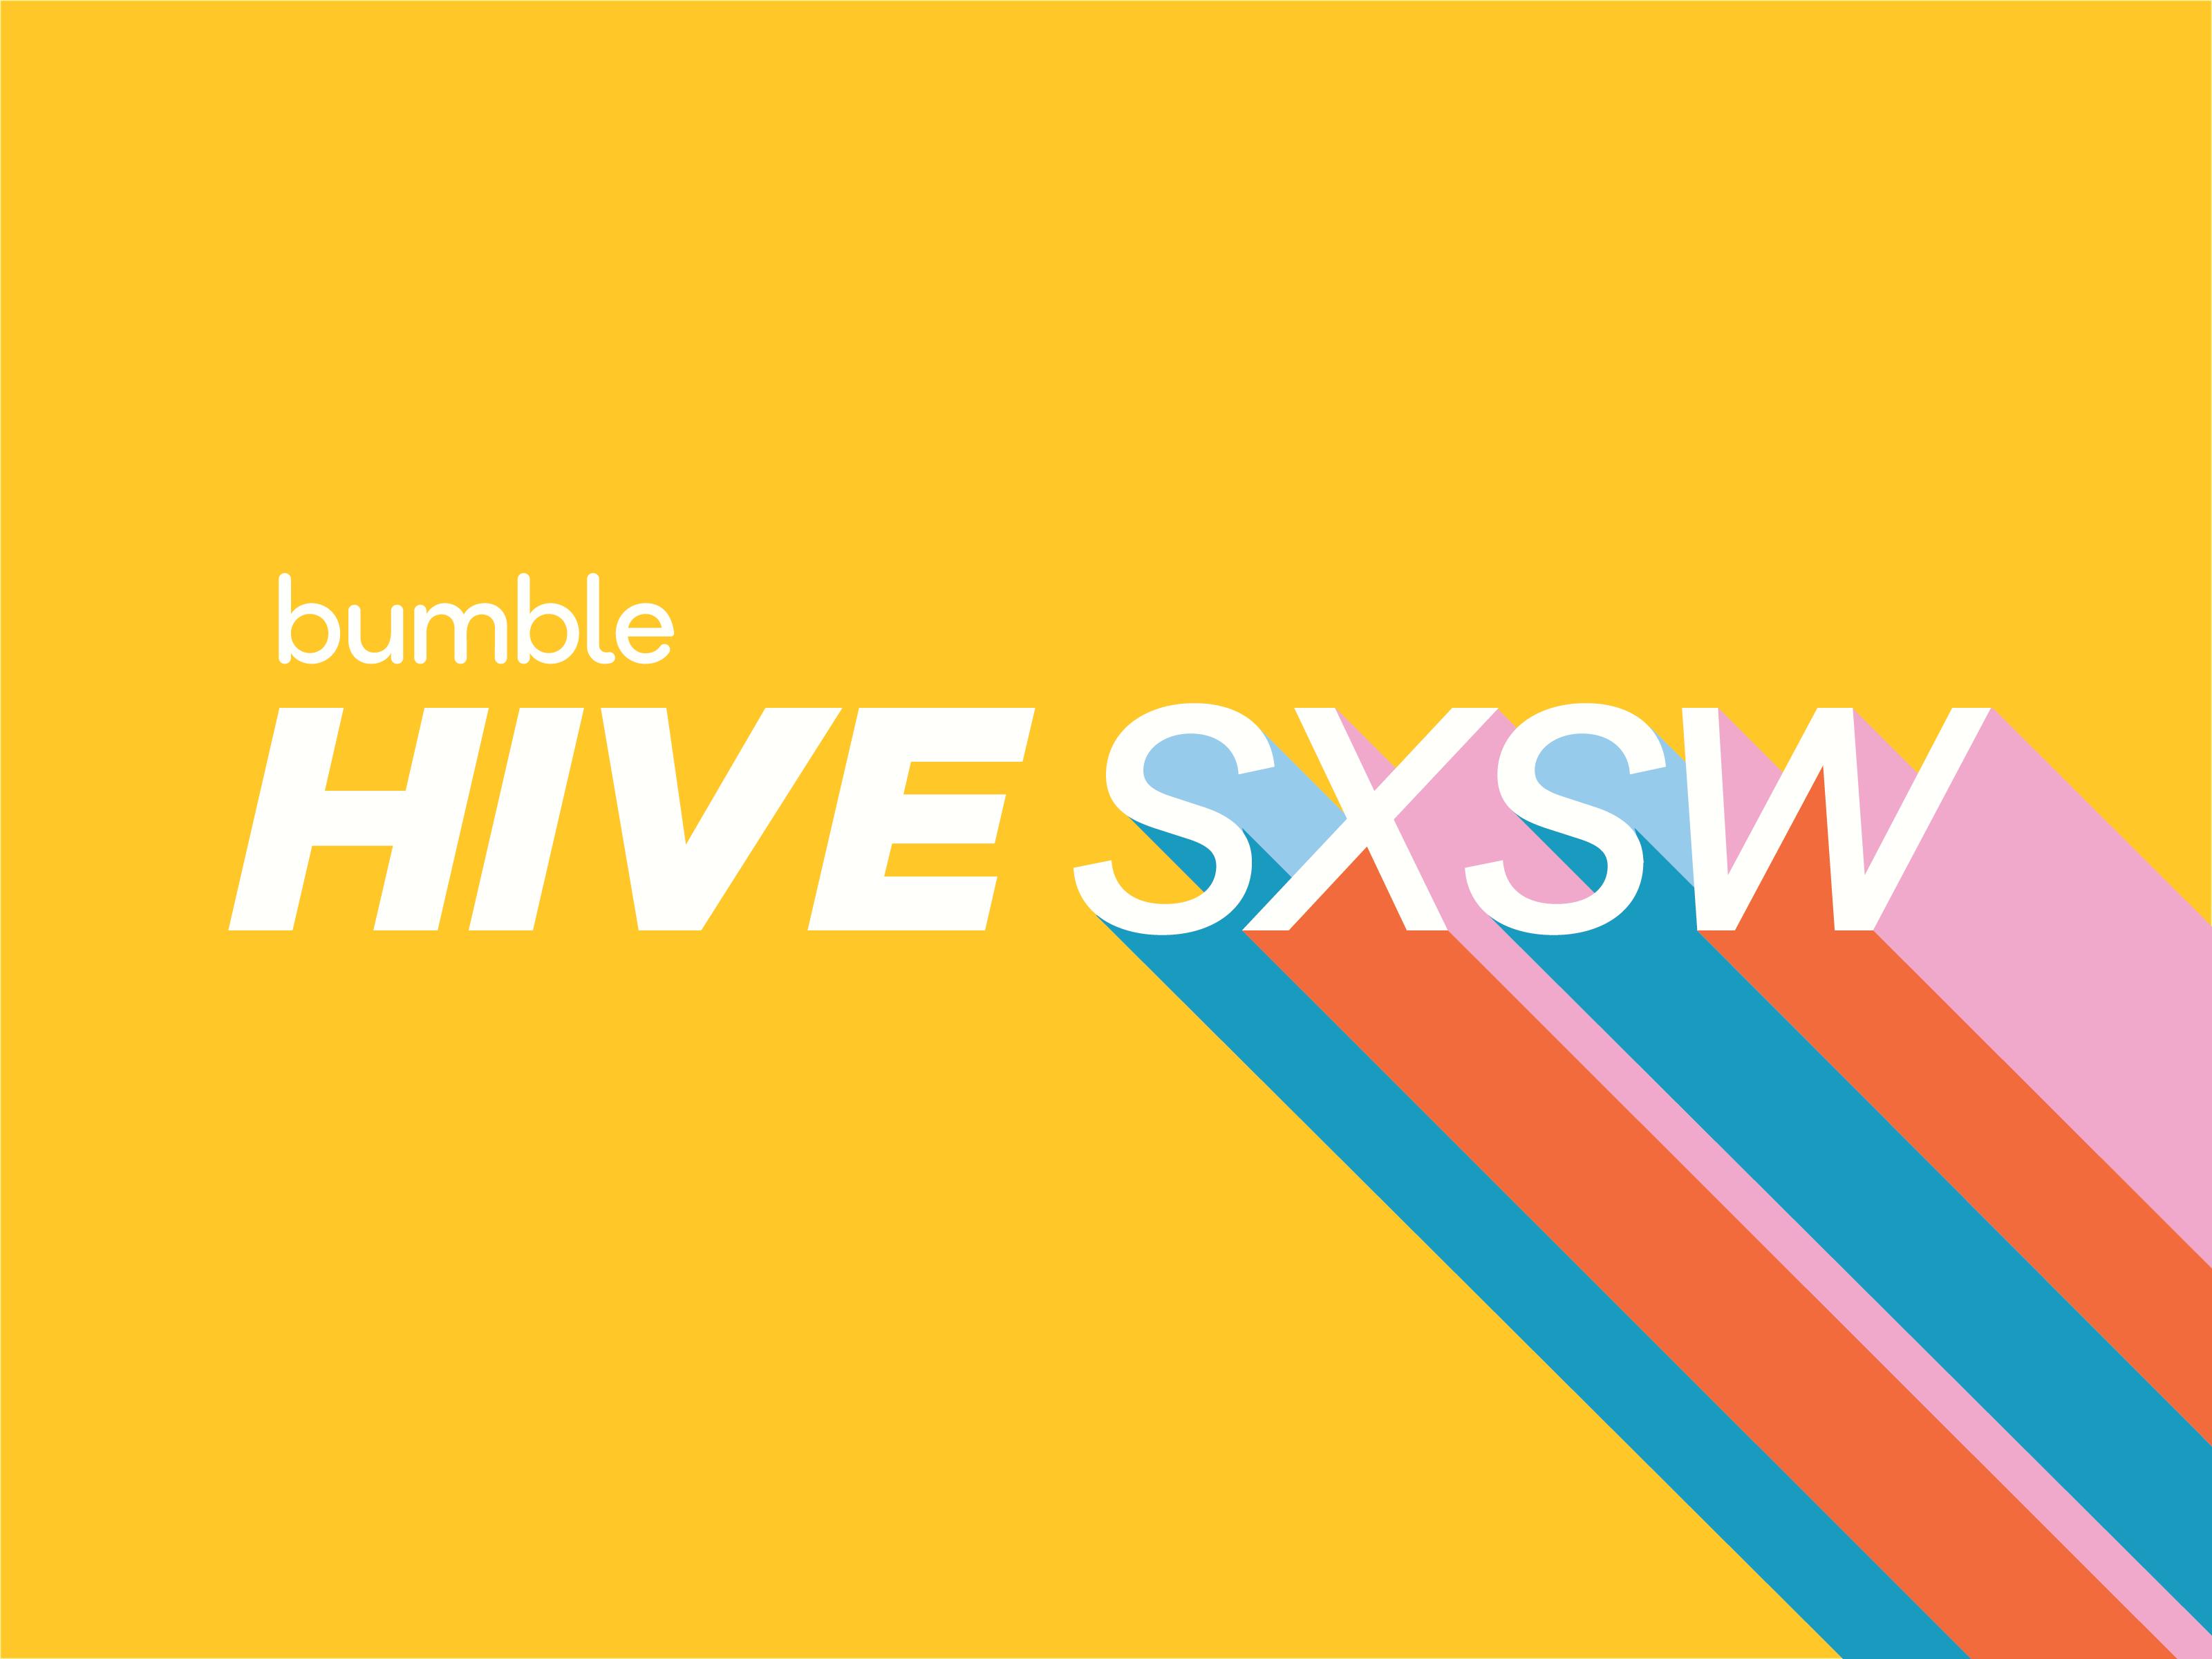 Hive sxsw